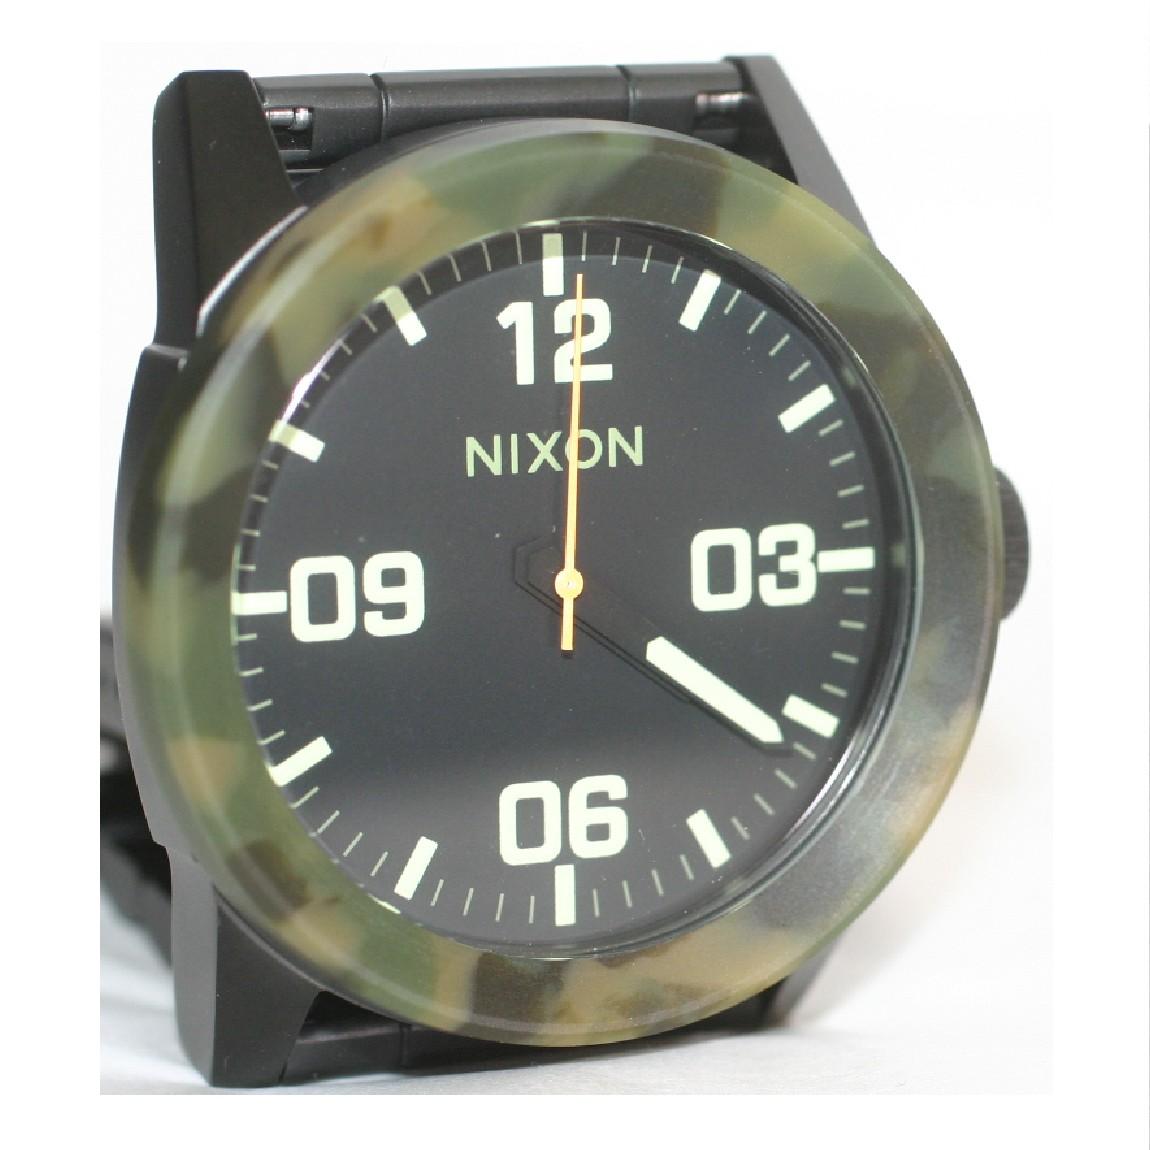 【中古】新品同様ニクソン紳士用迷彩柄ベゼルのごつい時計13G1 ○A14-15